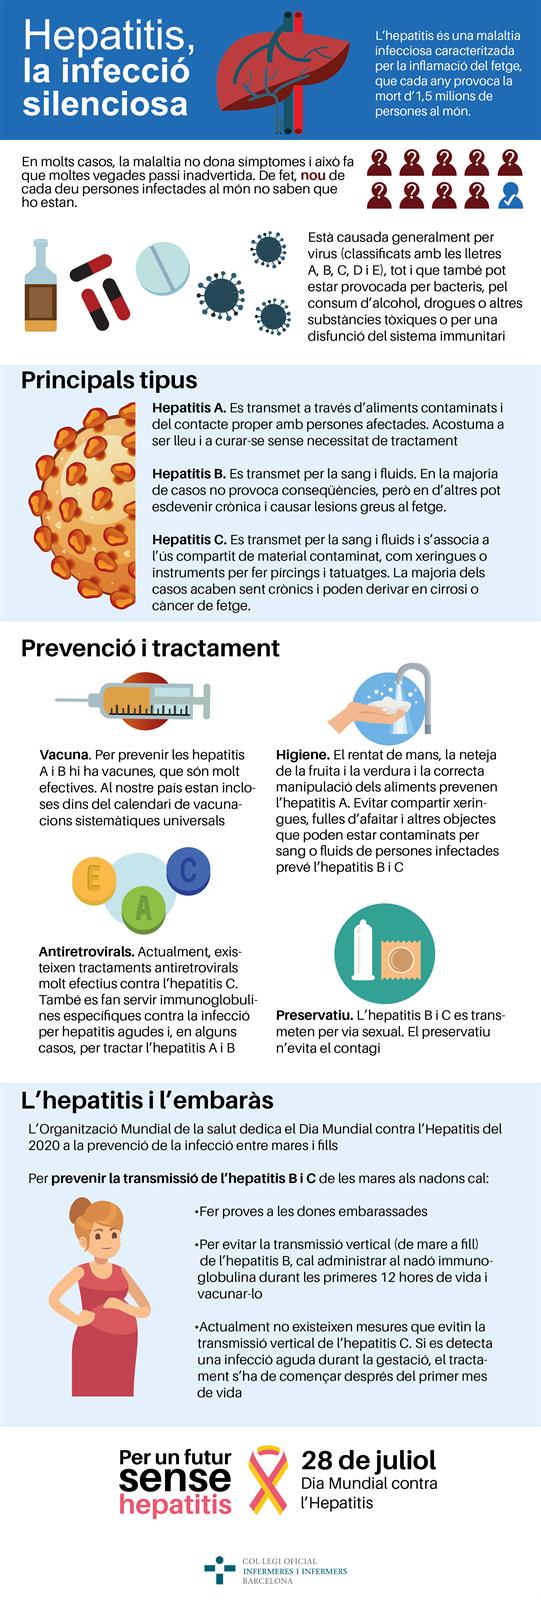 El 28 de juliol és el Dia Mundial contra l'Hepatitis, que aquest any es dedica a prevenir el contagi entre mares i fills